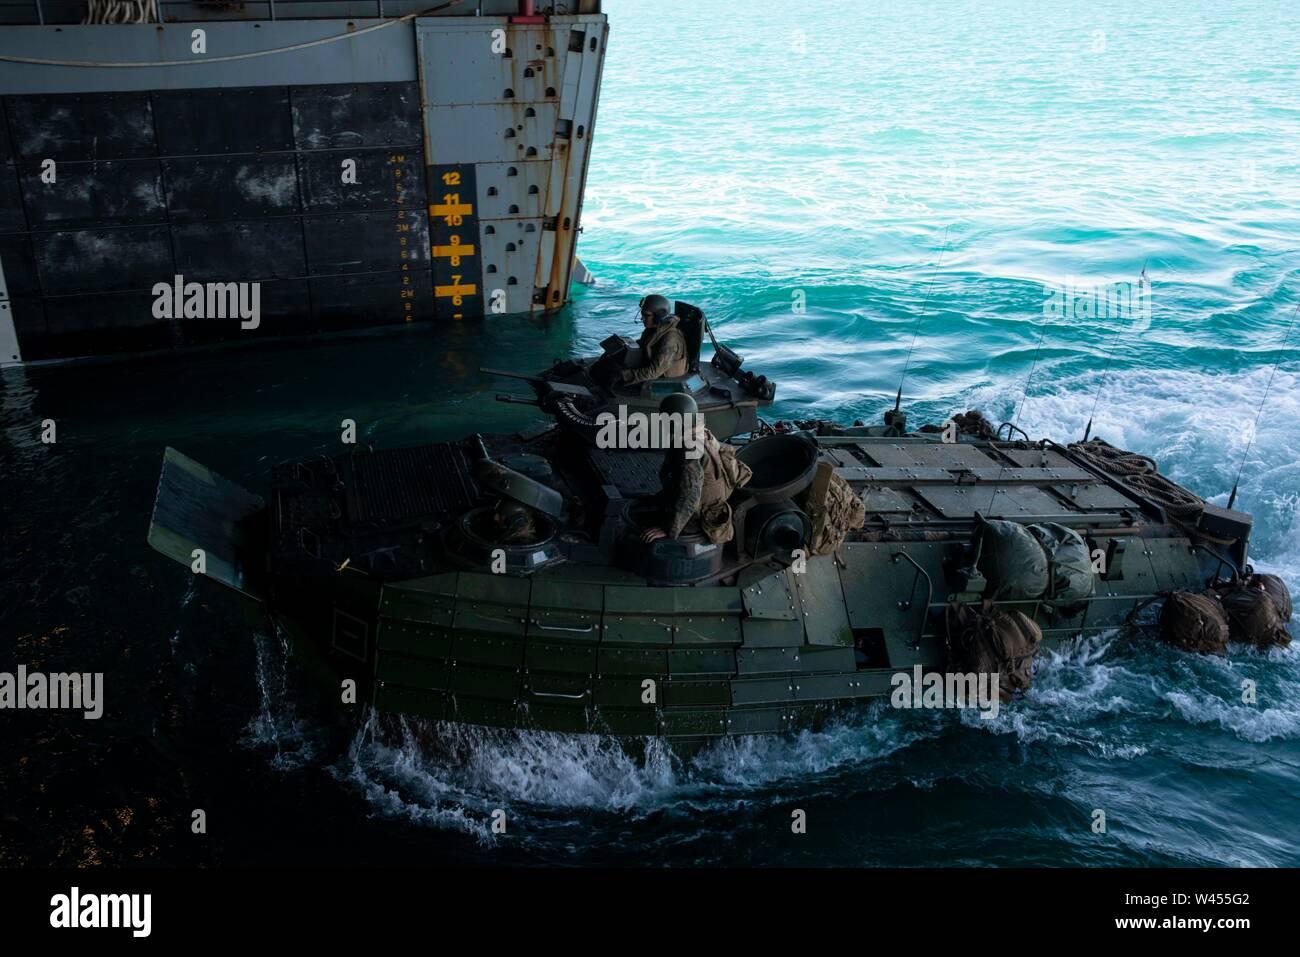 190718-N-DX072-1169 STANAGE Bay, Australia (18 de julio de 2019) un asalto anfibio (AAV), asignado a la 31ª Unidad Expedicionaria de los Infantes de Marina (MEU), entra en la cubierta del buque anfibio de transporte dock USS Green Bay (LPD 20). Green Bay, parte del Grupo de ataque expedicionario Wasp, embarcó con 31 MEU, está participando actualmente en Talisman Sabre 2019 frente a las costas del norte de Australia. A nivel bilateral, evento bienal, Talisman Sabre está diseñado para mejorar el entrenamiento de combate de EE.UU. y Australia, la disponibilidad y la interoperabilidad a través de realistas, la capacitación pertinente necesaria para mantener la región Foto de stock